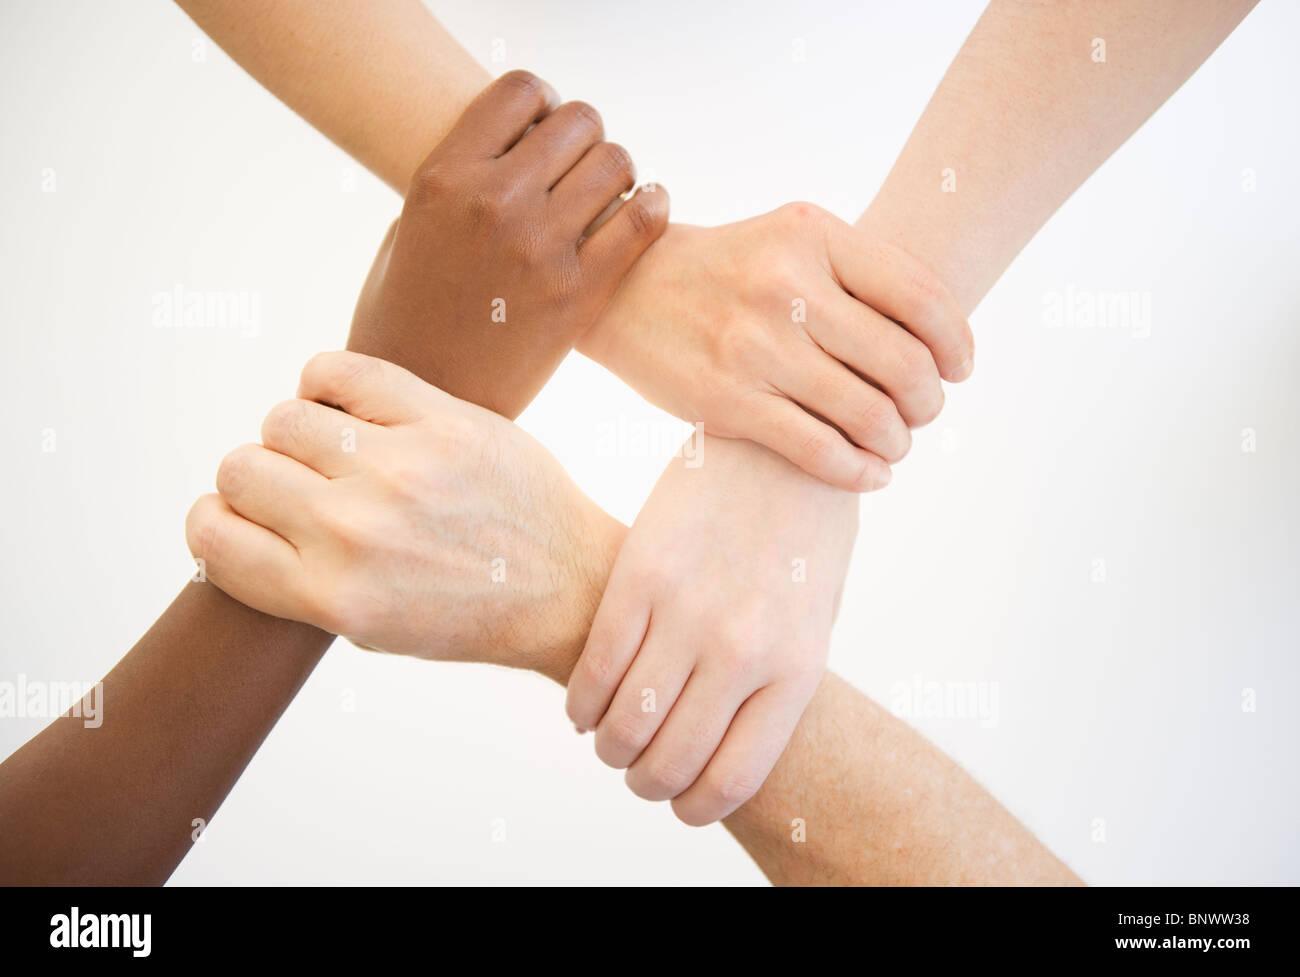 Cuatro manos sosteniendo las muñecas de otras personas Imagen De Stock